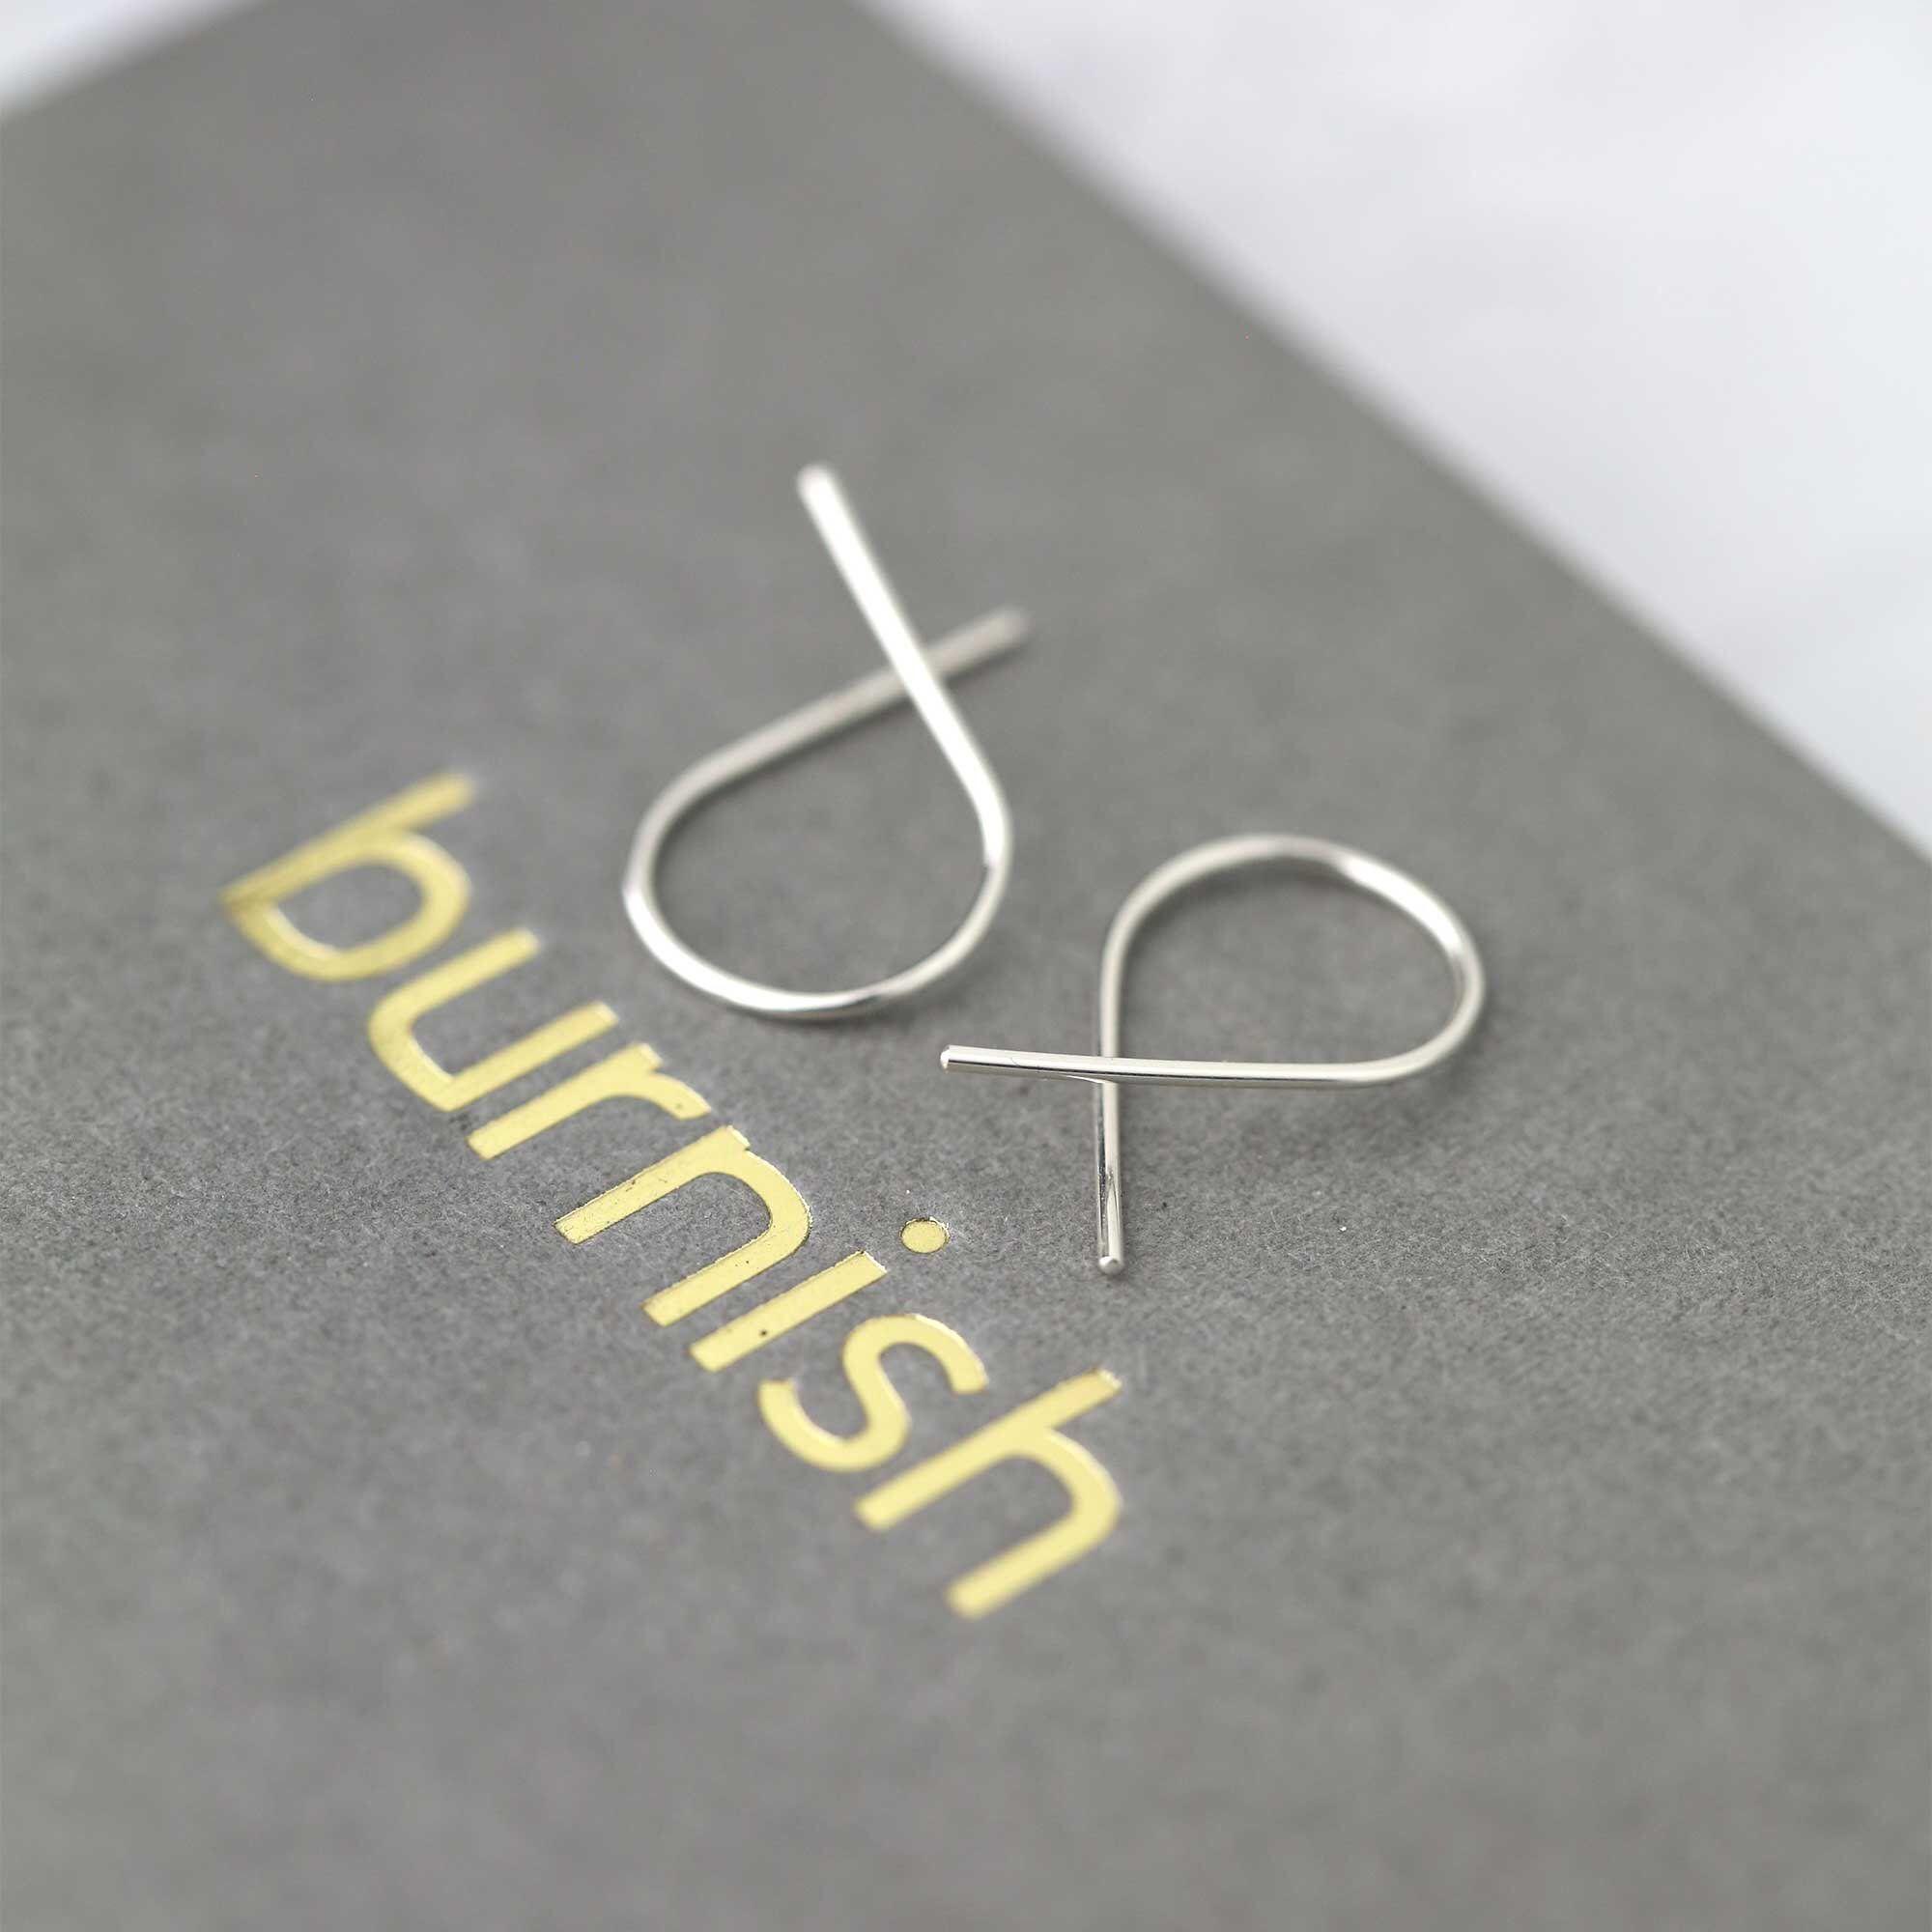 Edgy Open Hoop Earrings • Modern Jewelry Twist Earrings Handmade •Wire Earrings • Small Everyday Minimalist Earrings